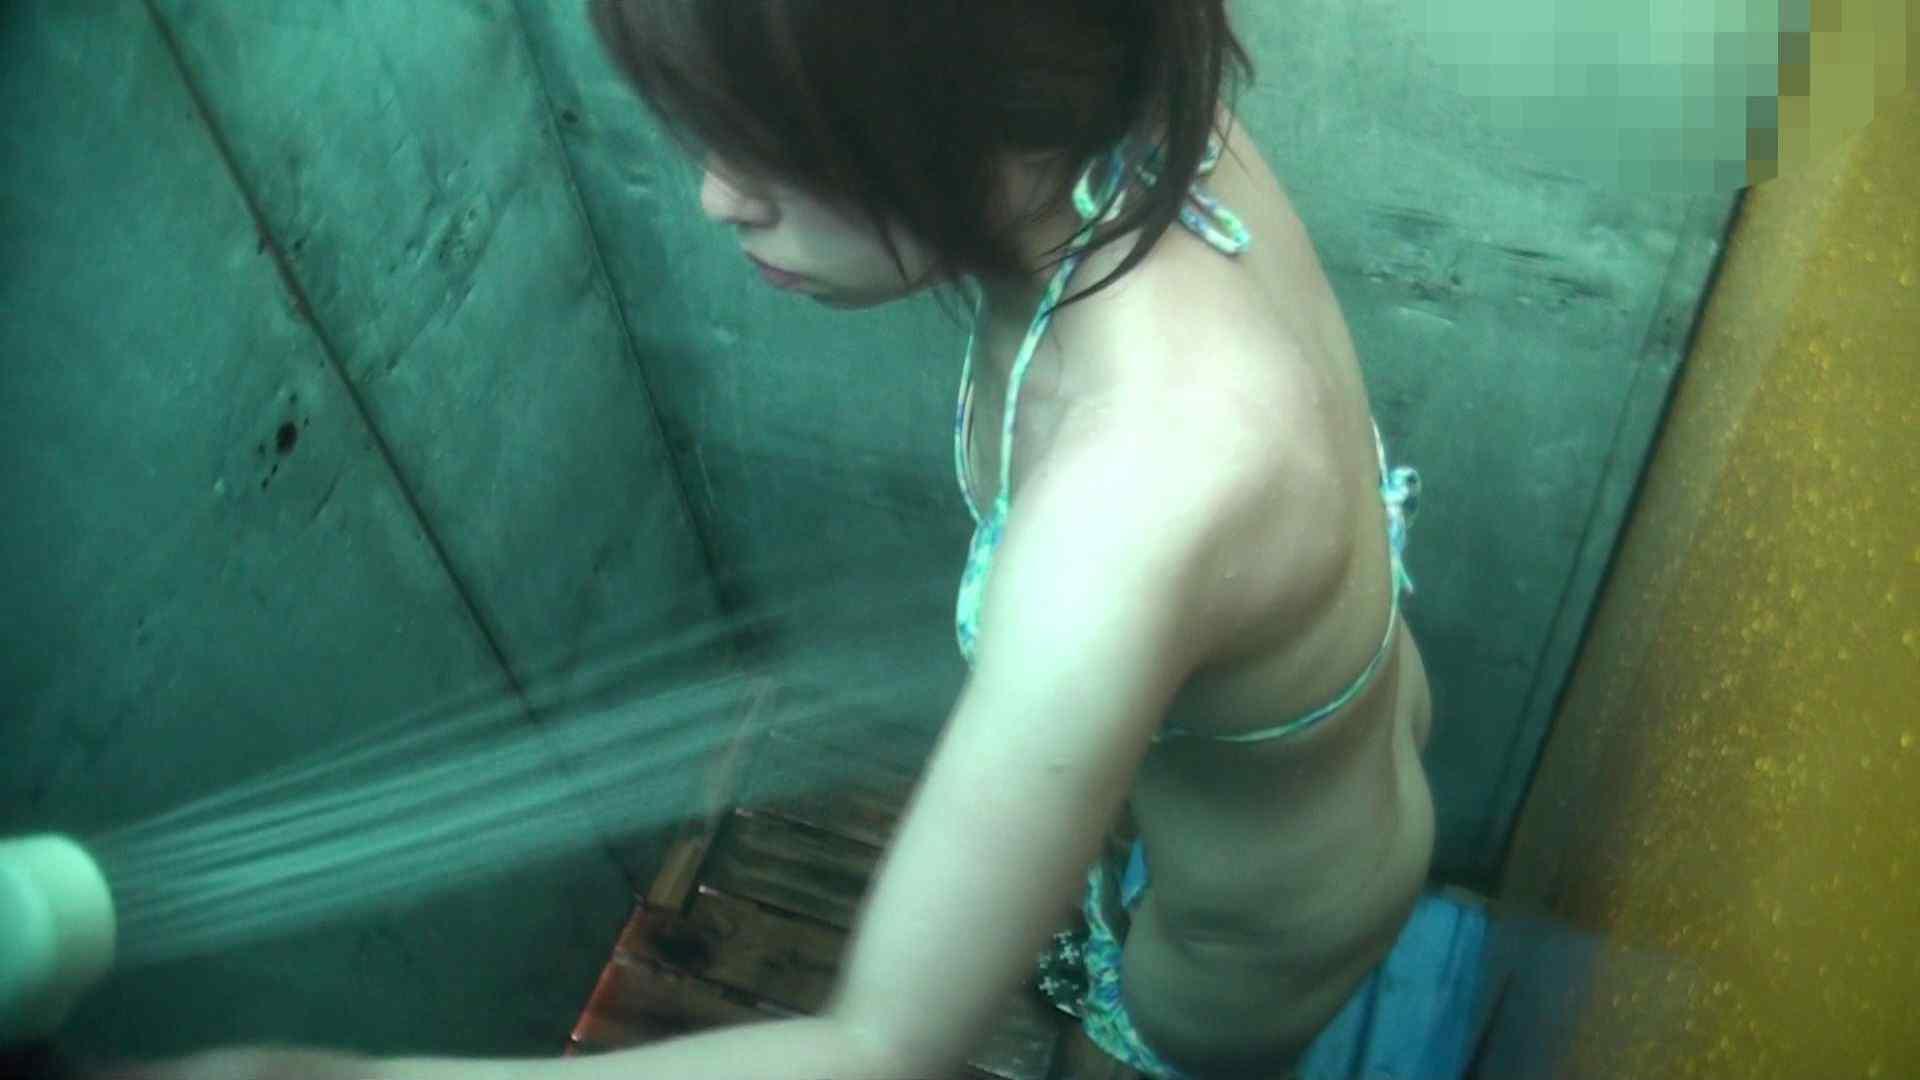 シャワールームは超!!危険な香りVol.15 残念ですが乳首未確認 マンコの砂は入念に 高画質 盗撮ワレメ無修正動画無料 41pic 29